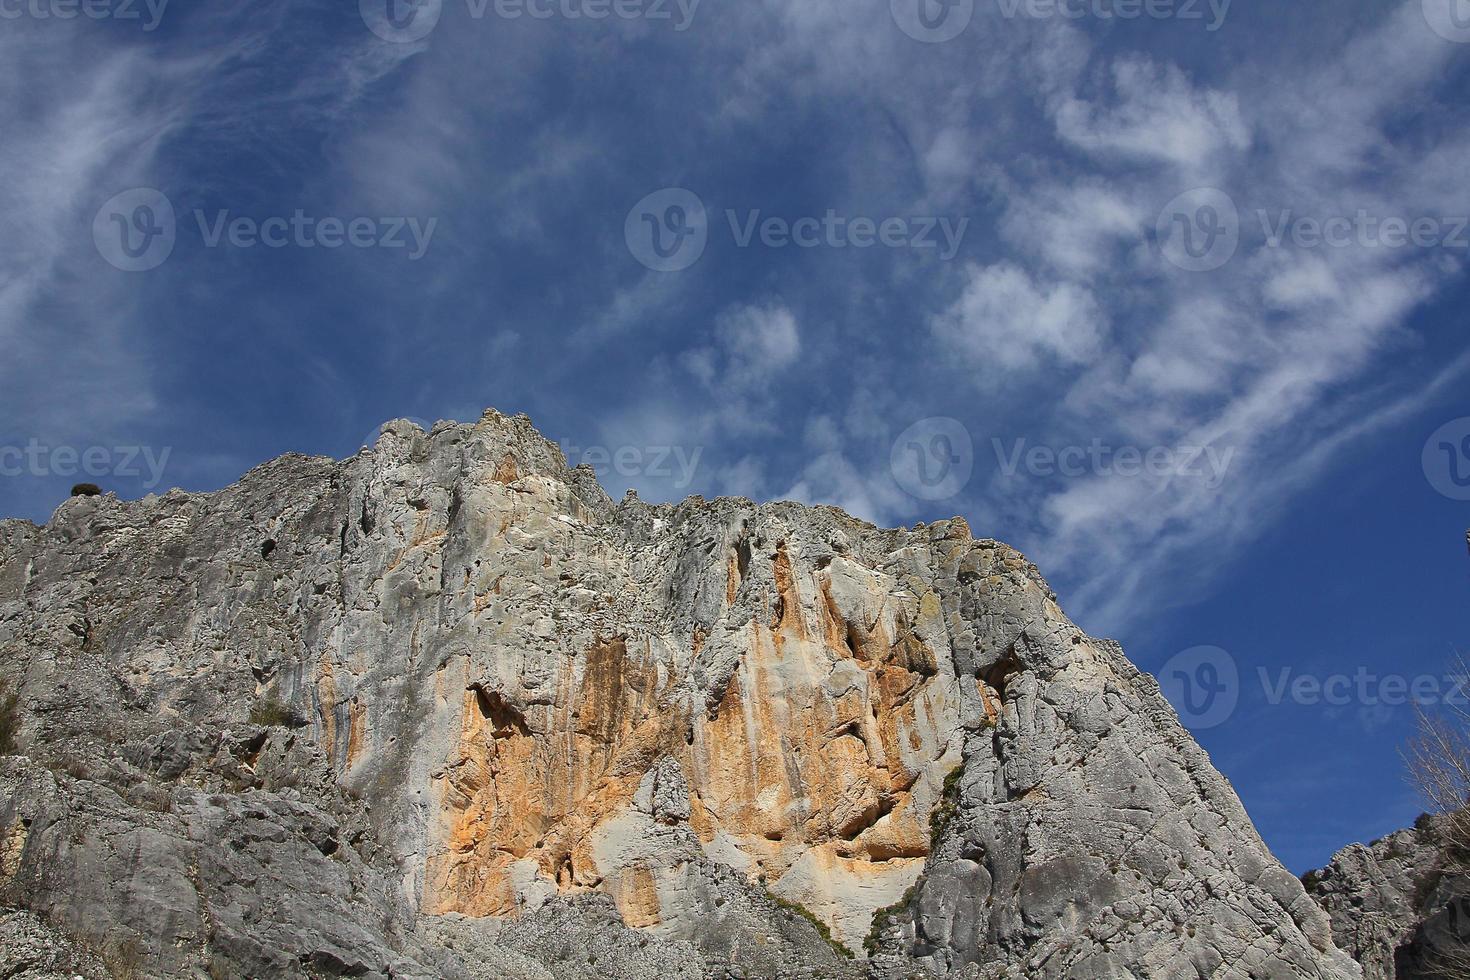 """desfiladeiro parque natural """"la yecla"""" em burgos, espanha foto"""